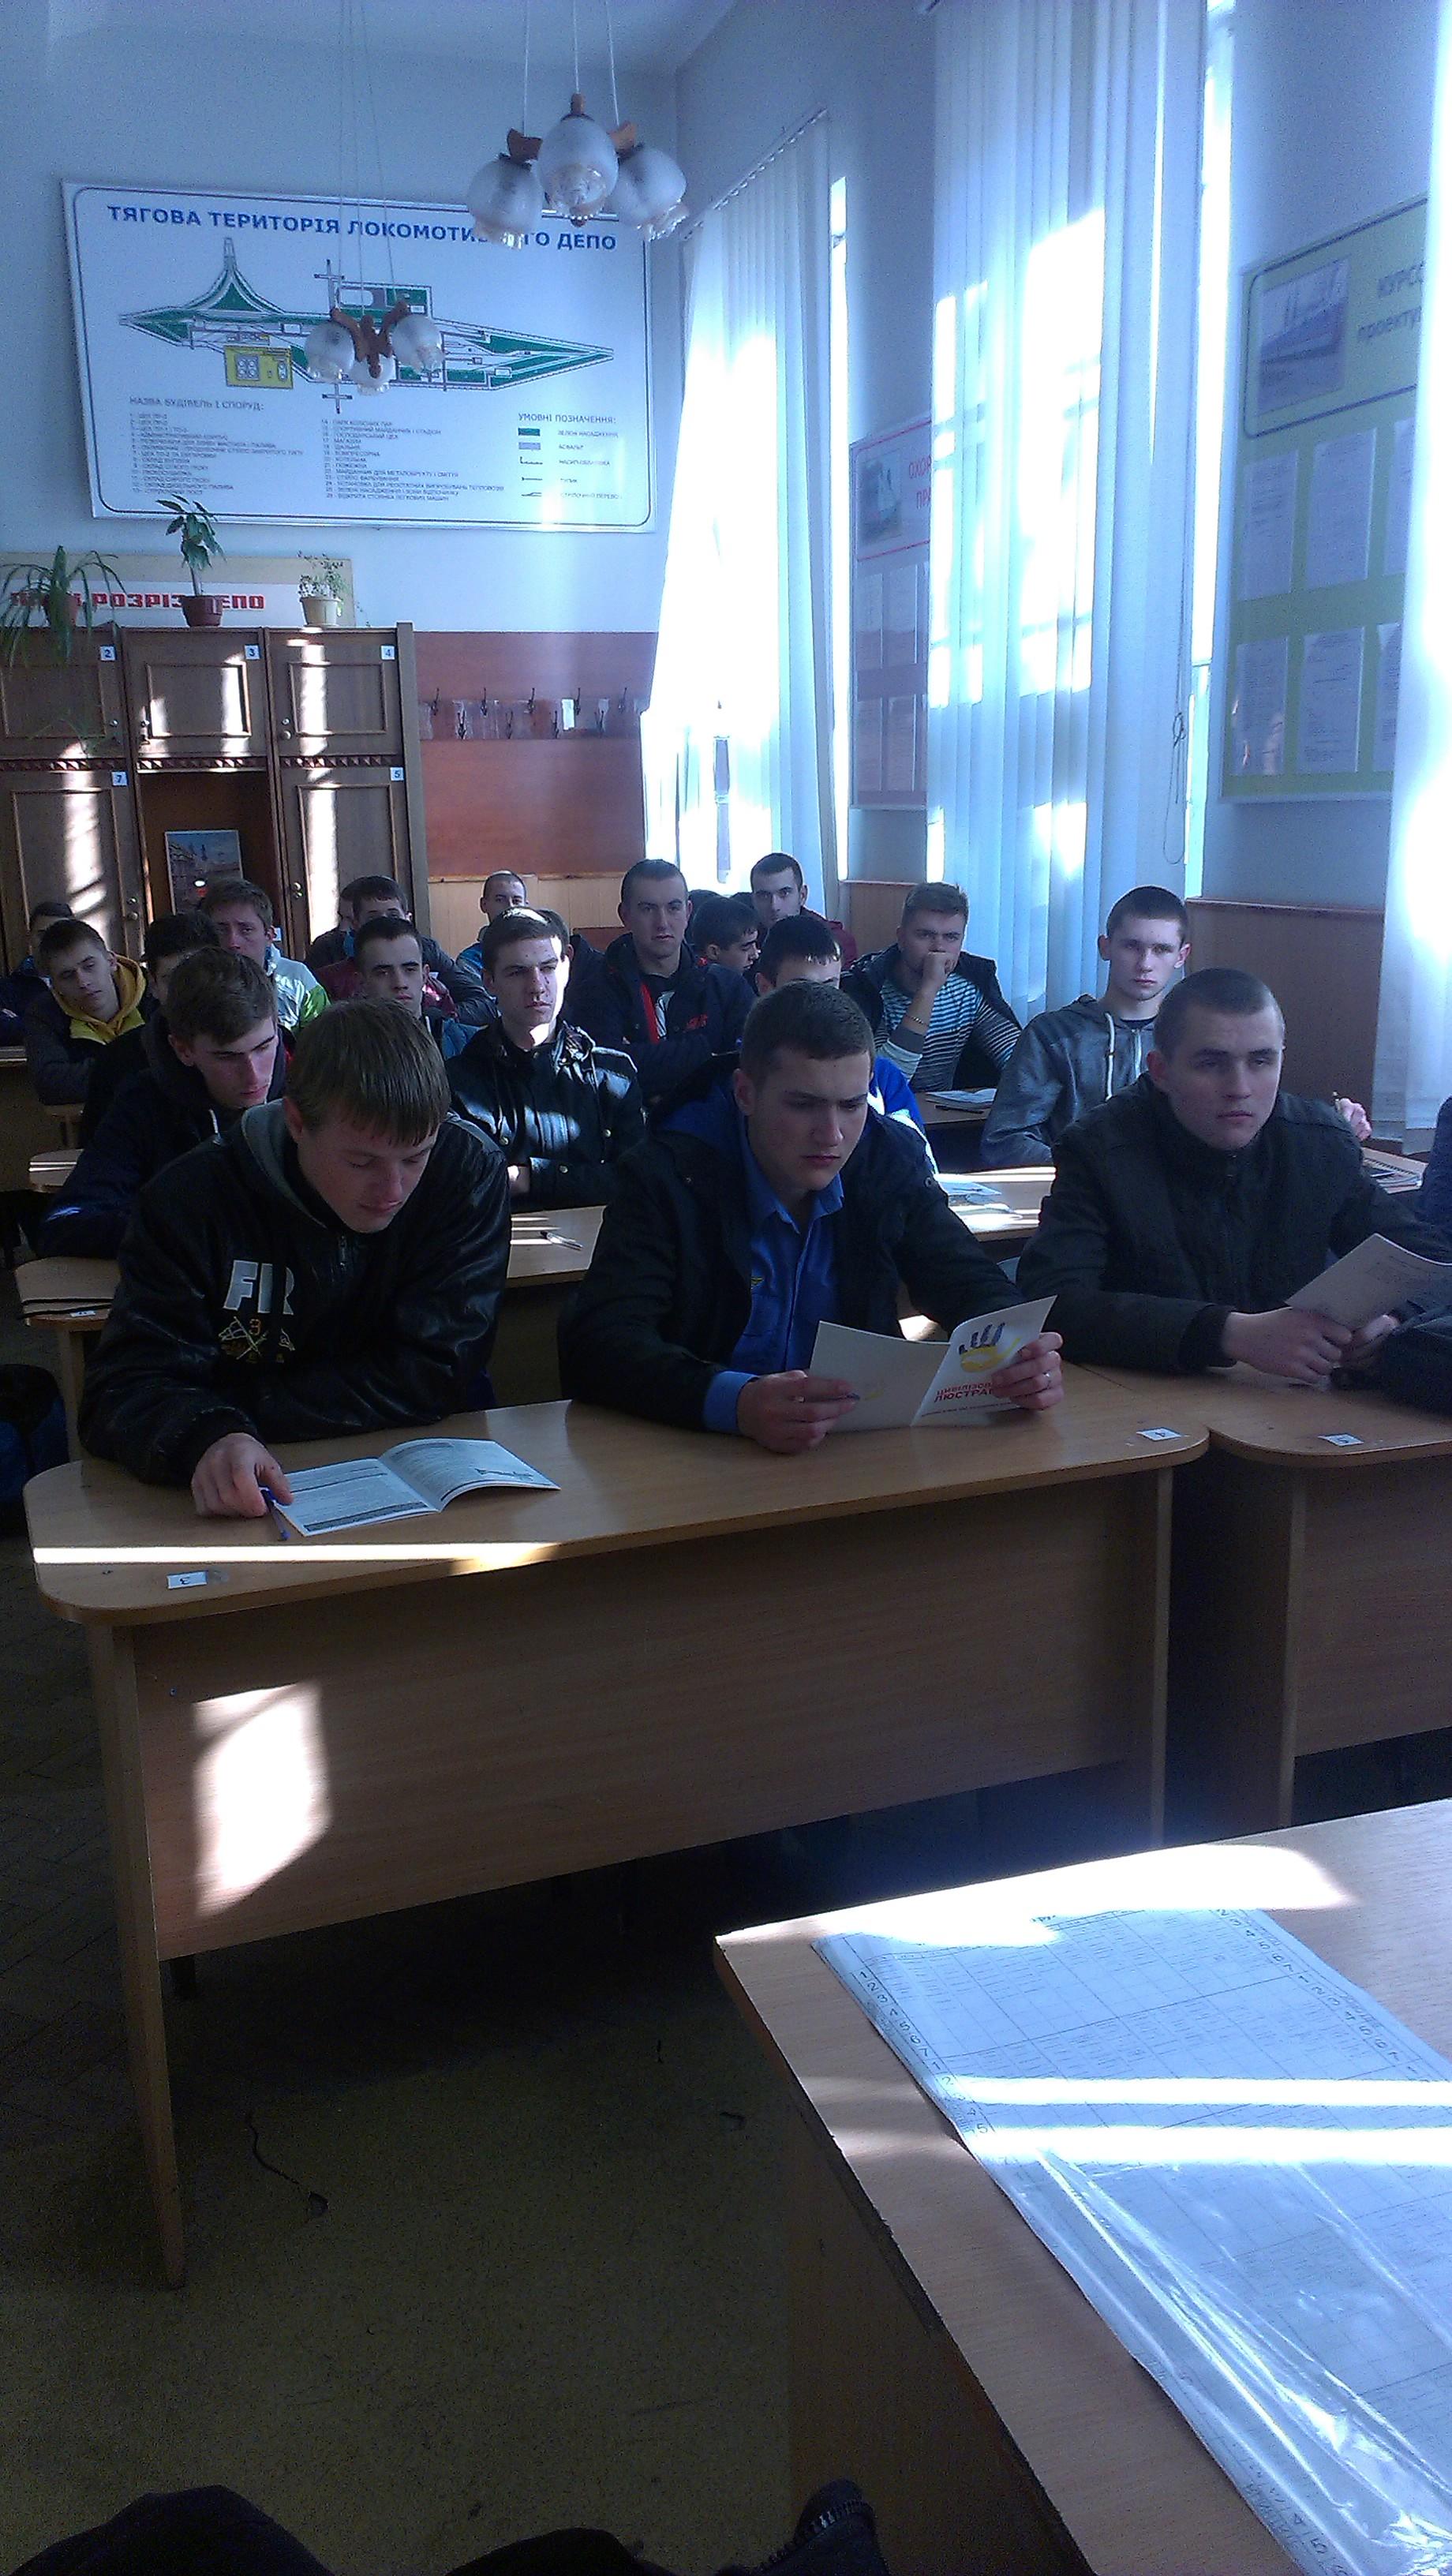 Студенти Львівських навчальних закладів дізнаються більше інформації про люстрацію